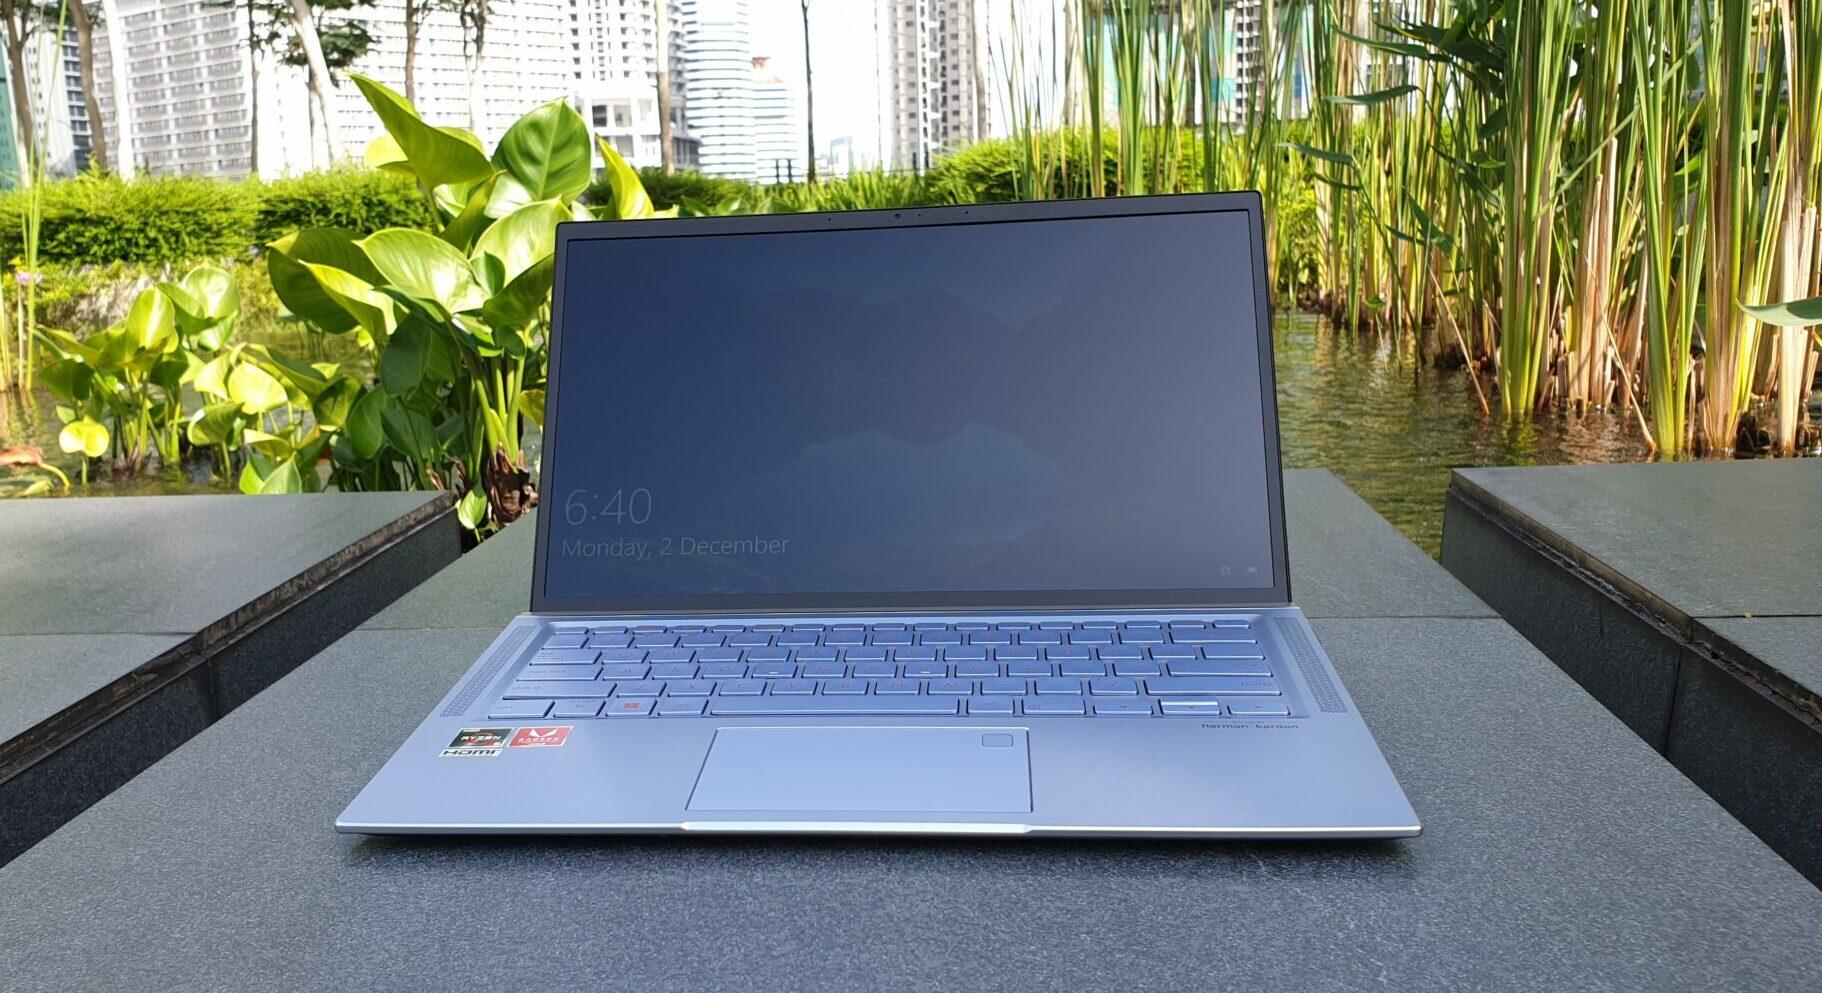 Asus ZenBook 14 UM431 front angled